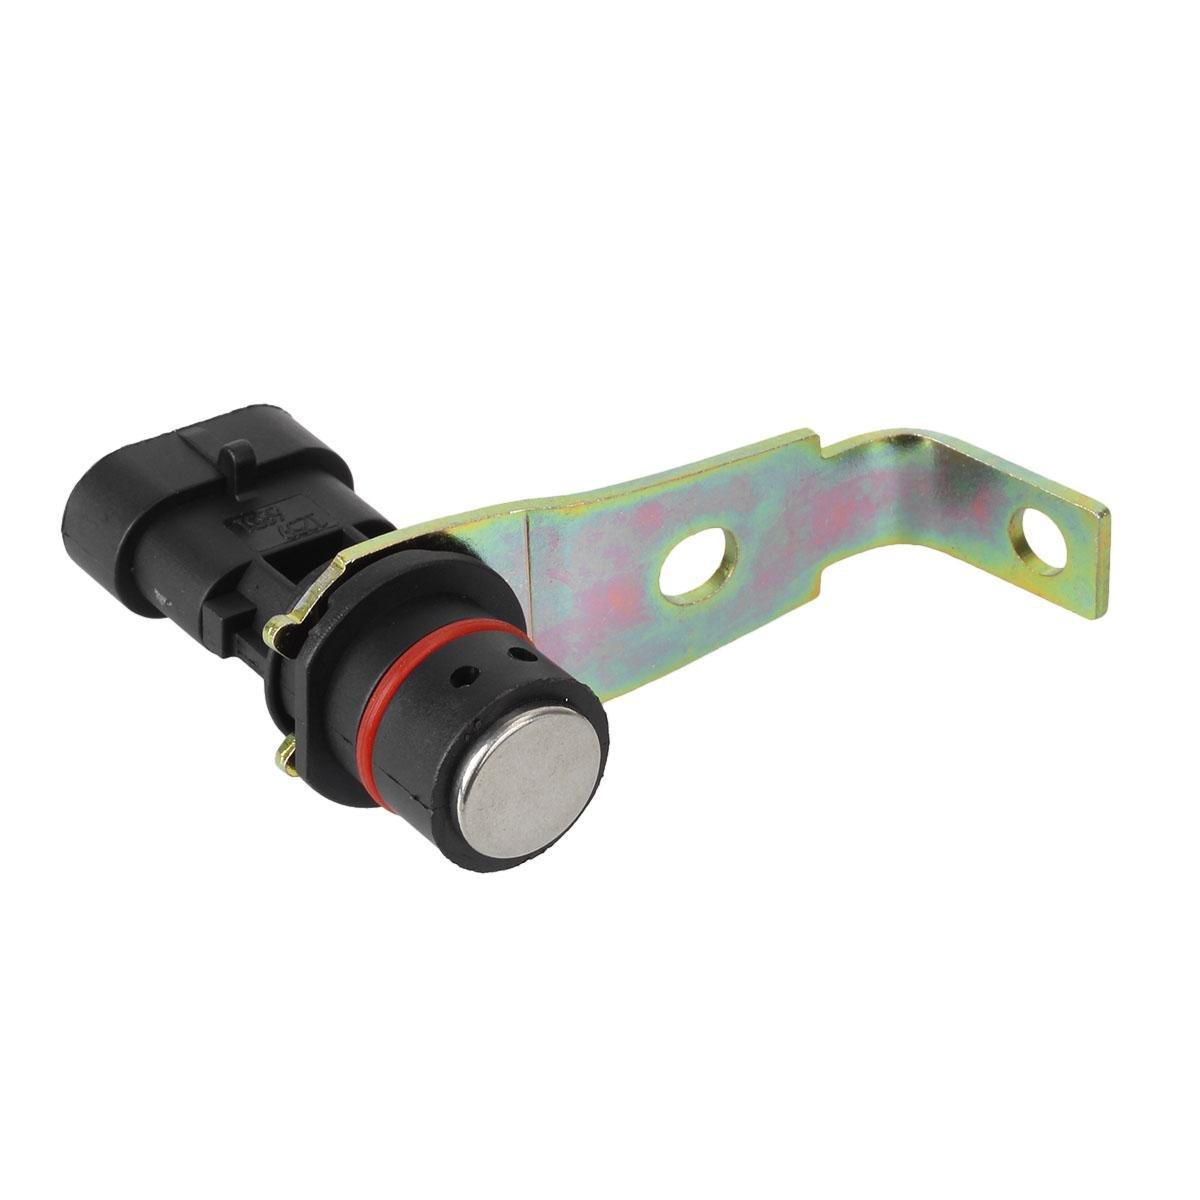 AUTEX 1pc Crankshaft Position Sensor 918022600 3918026900 0410037 PC711 compatible with 2011-2007 Hyundai Accent L4-1.6L 2011-2006 Kia Rio5 L4-1.6L Kia Rio L4-1.6L 2008-2006 Dodge Attitude L4-1.6L